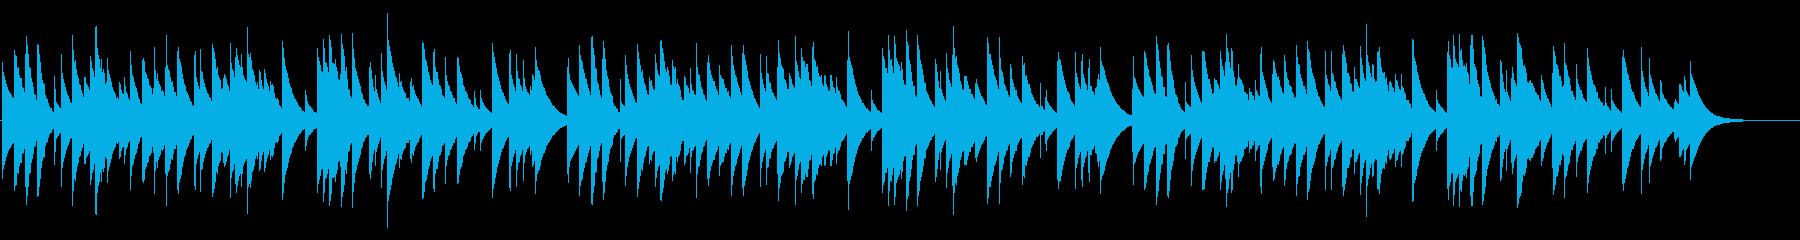 冬景色 カード式オルゴールの再生済みの波形